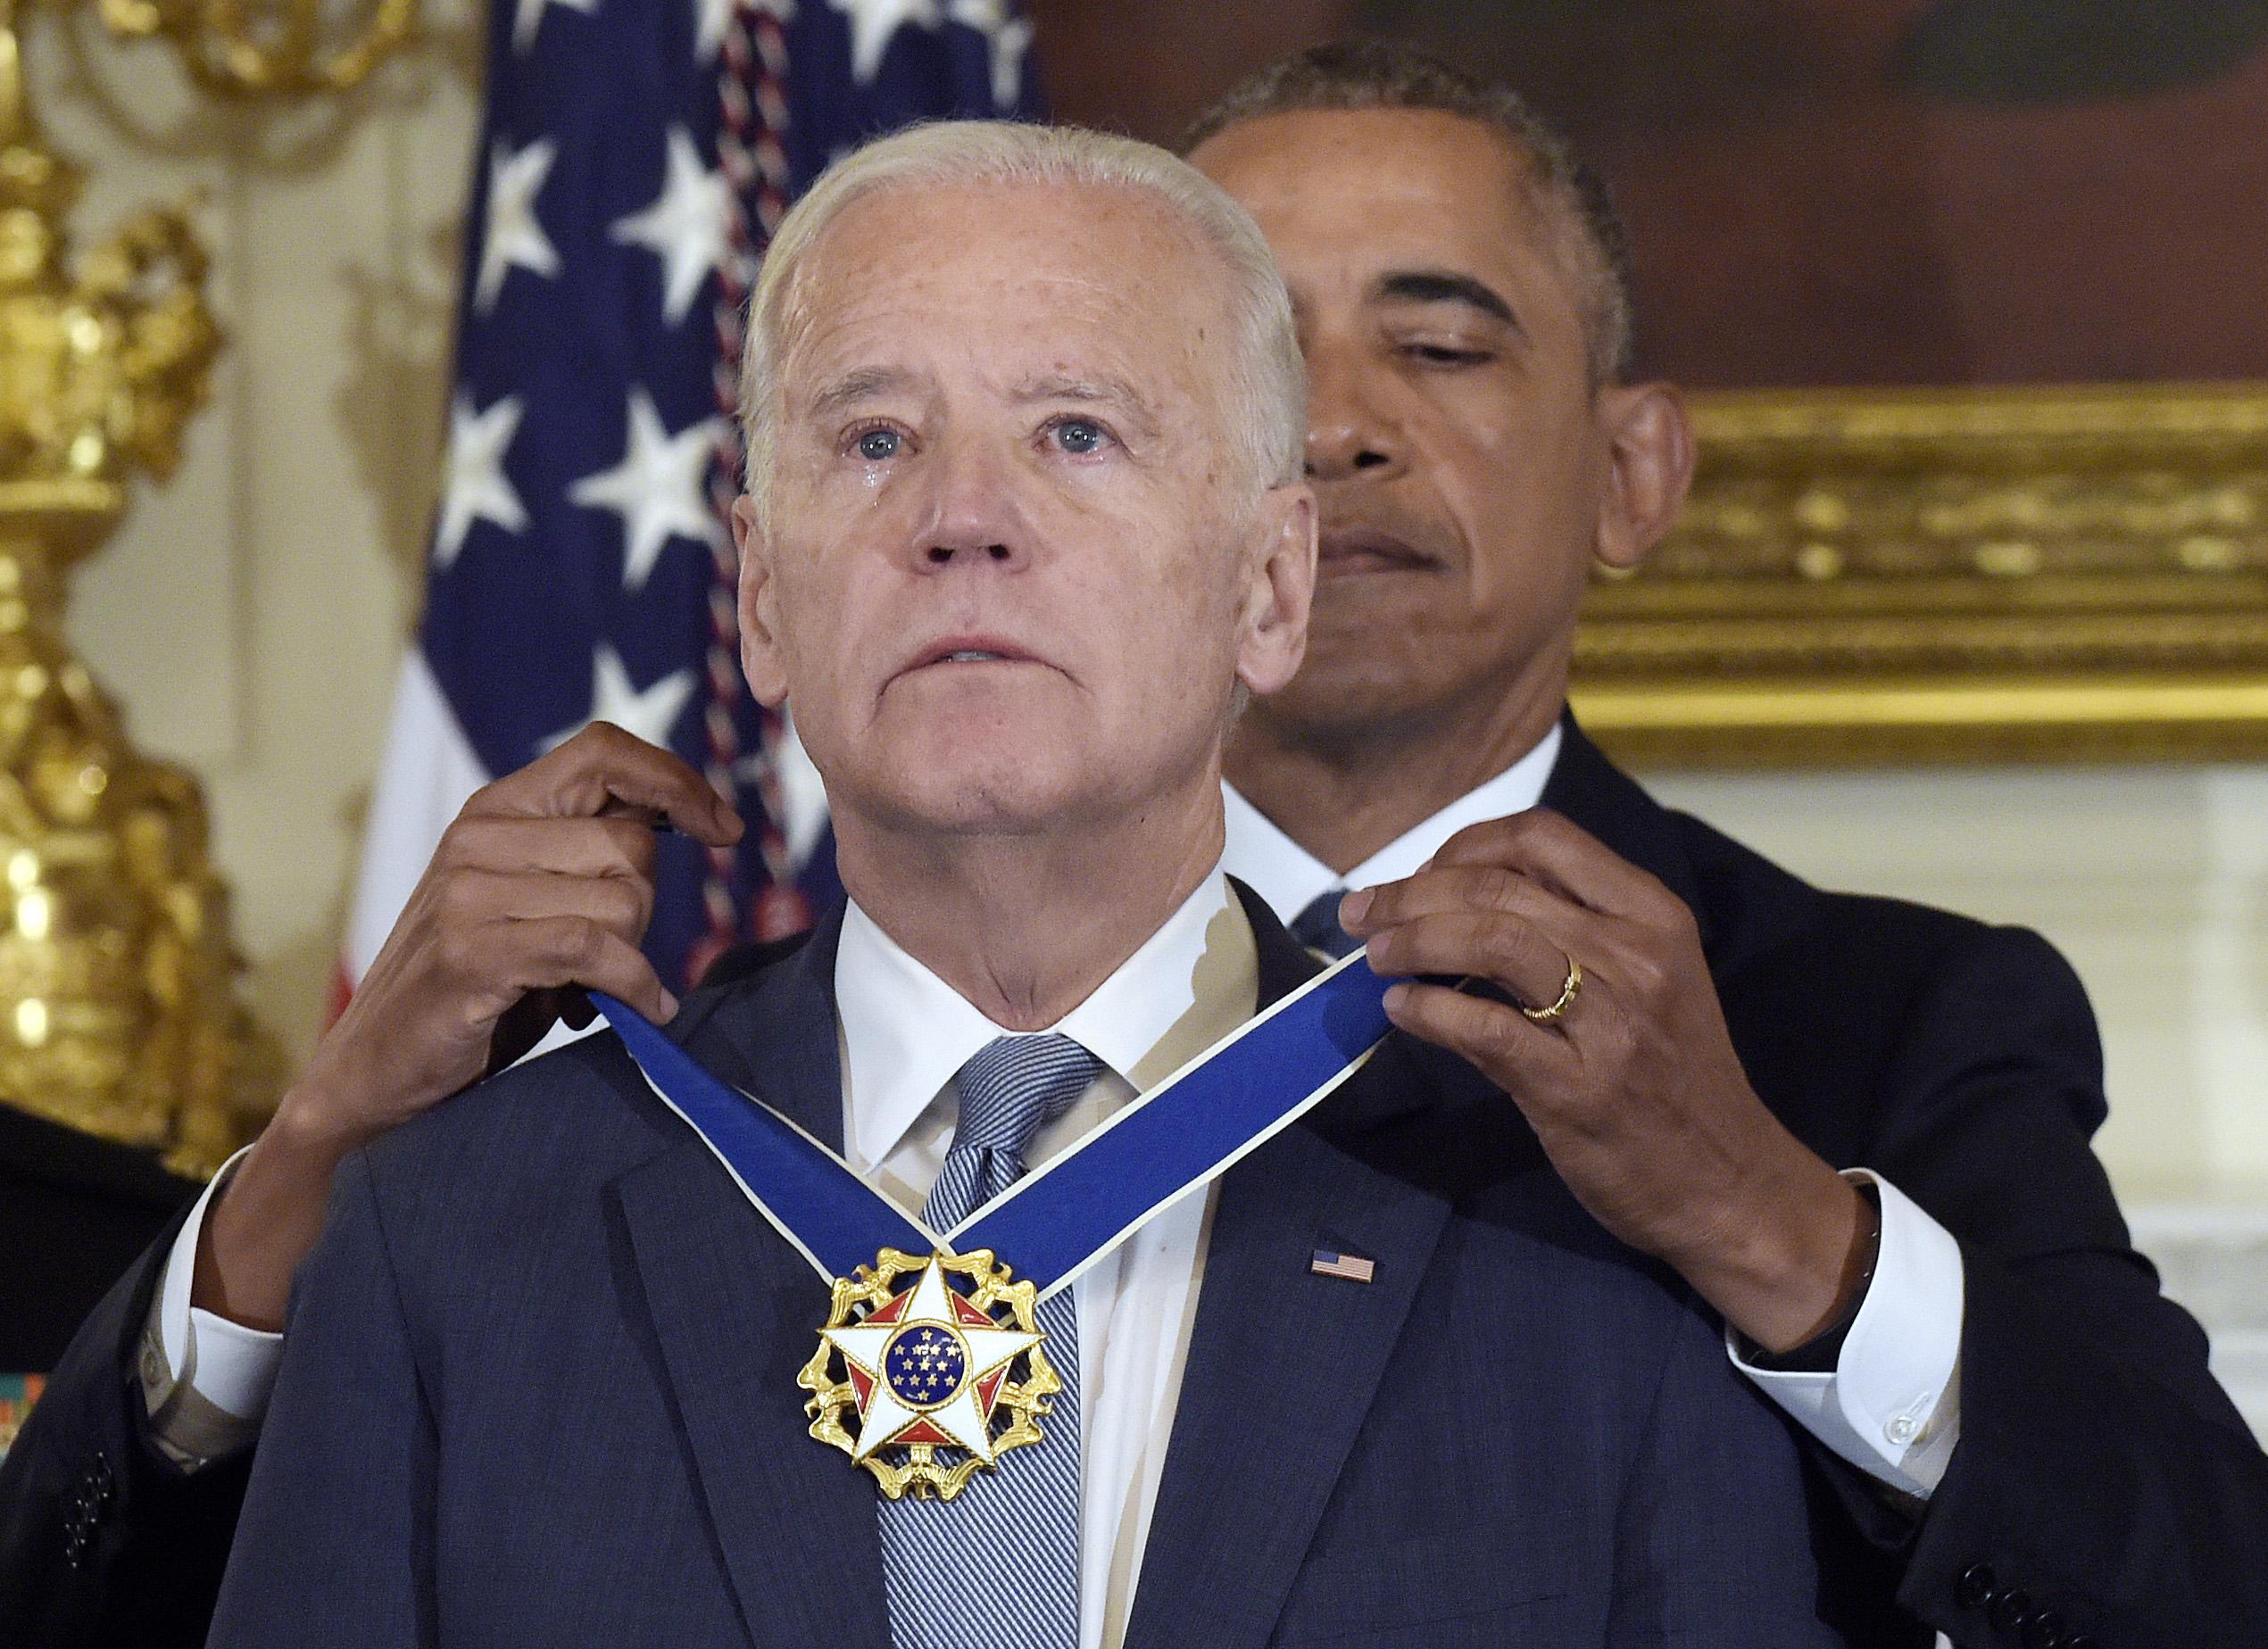 Joe Biden - Tổng thống lớn tuổi nhất trong lịch sử Mỹ - Ảnh 7.